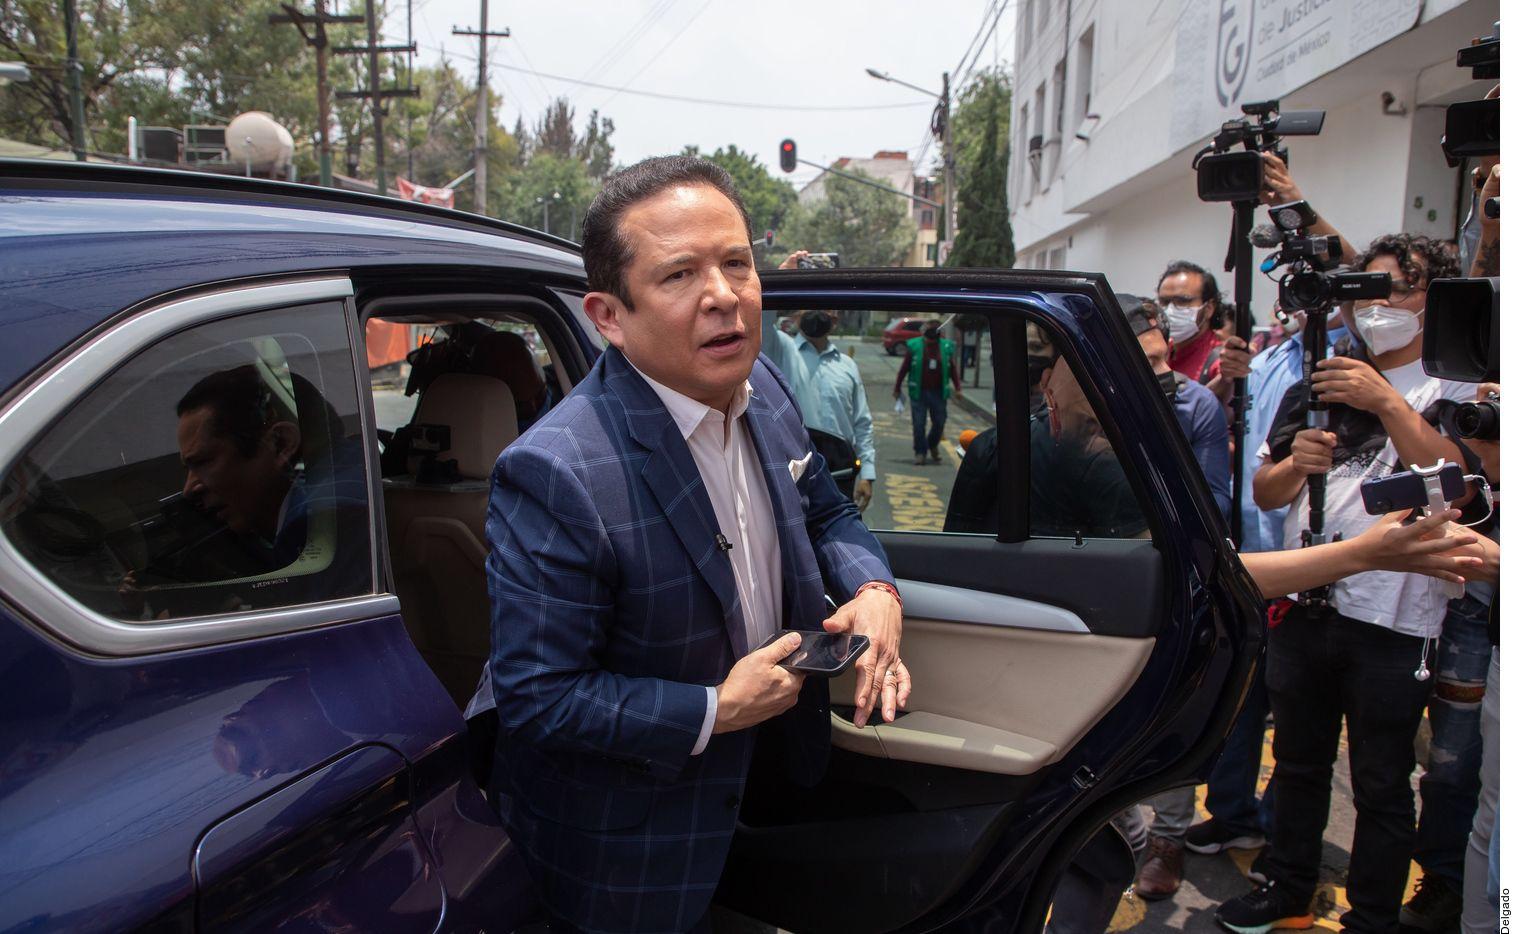 Gustavo Adolfo Infante acudió el miércoles a la Fiscalía General de Justicia de la Ciudad de México para ratificar su denuncia penal en contra del actor Enrique Guzmán.